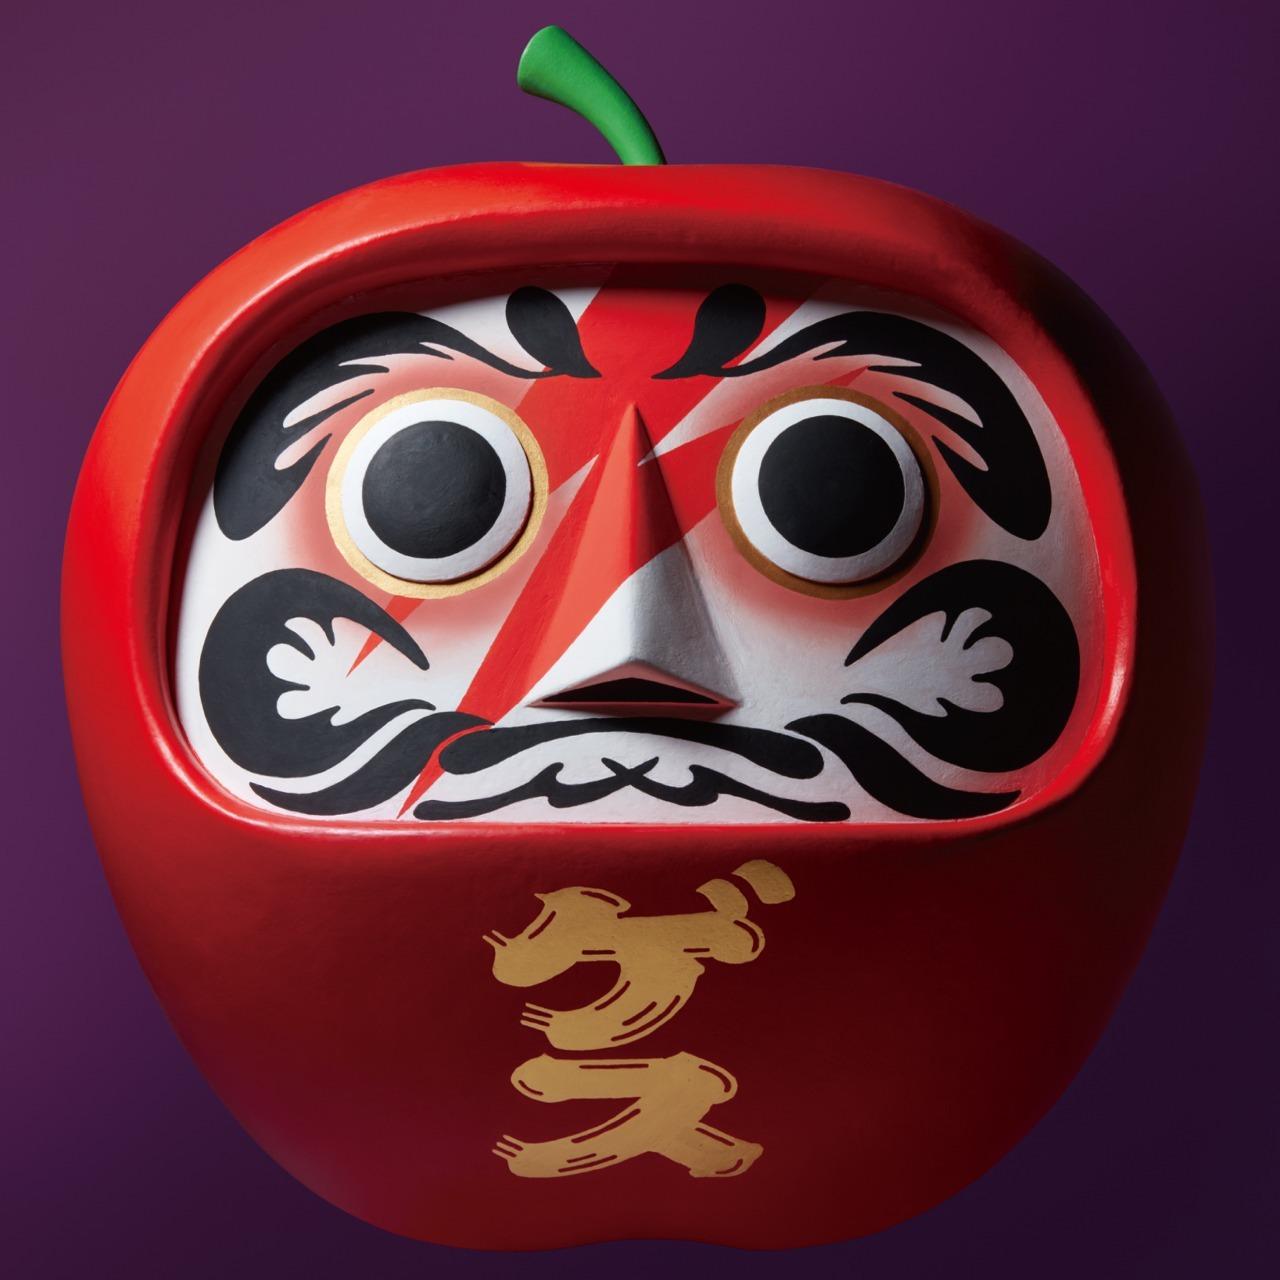 『達磨林檎』